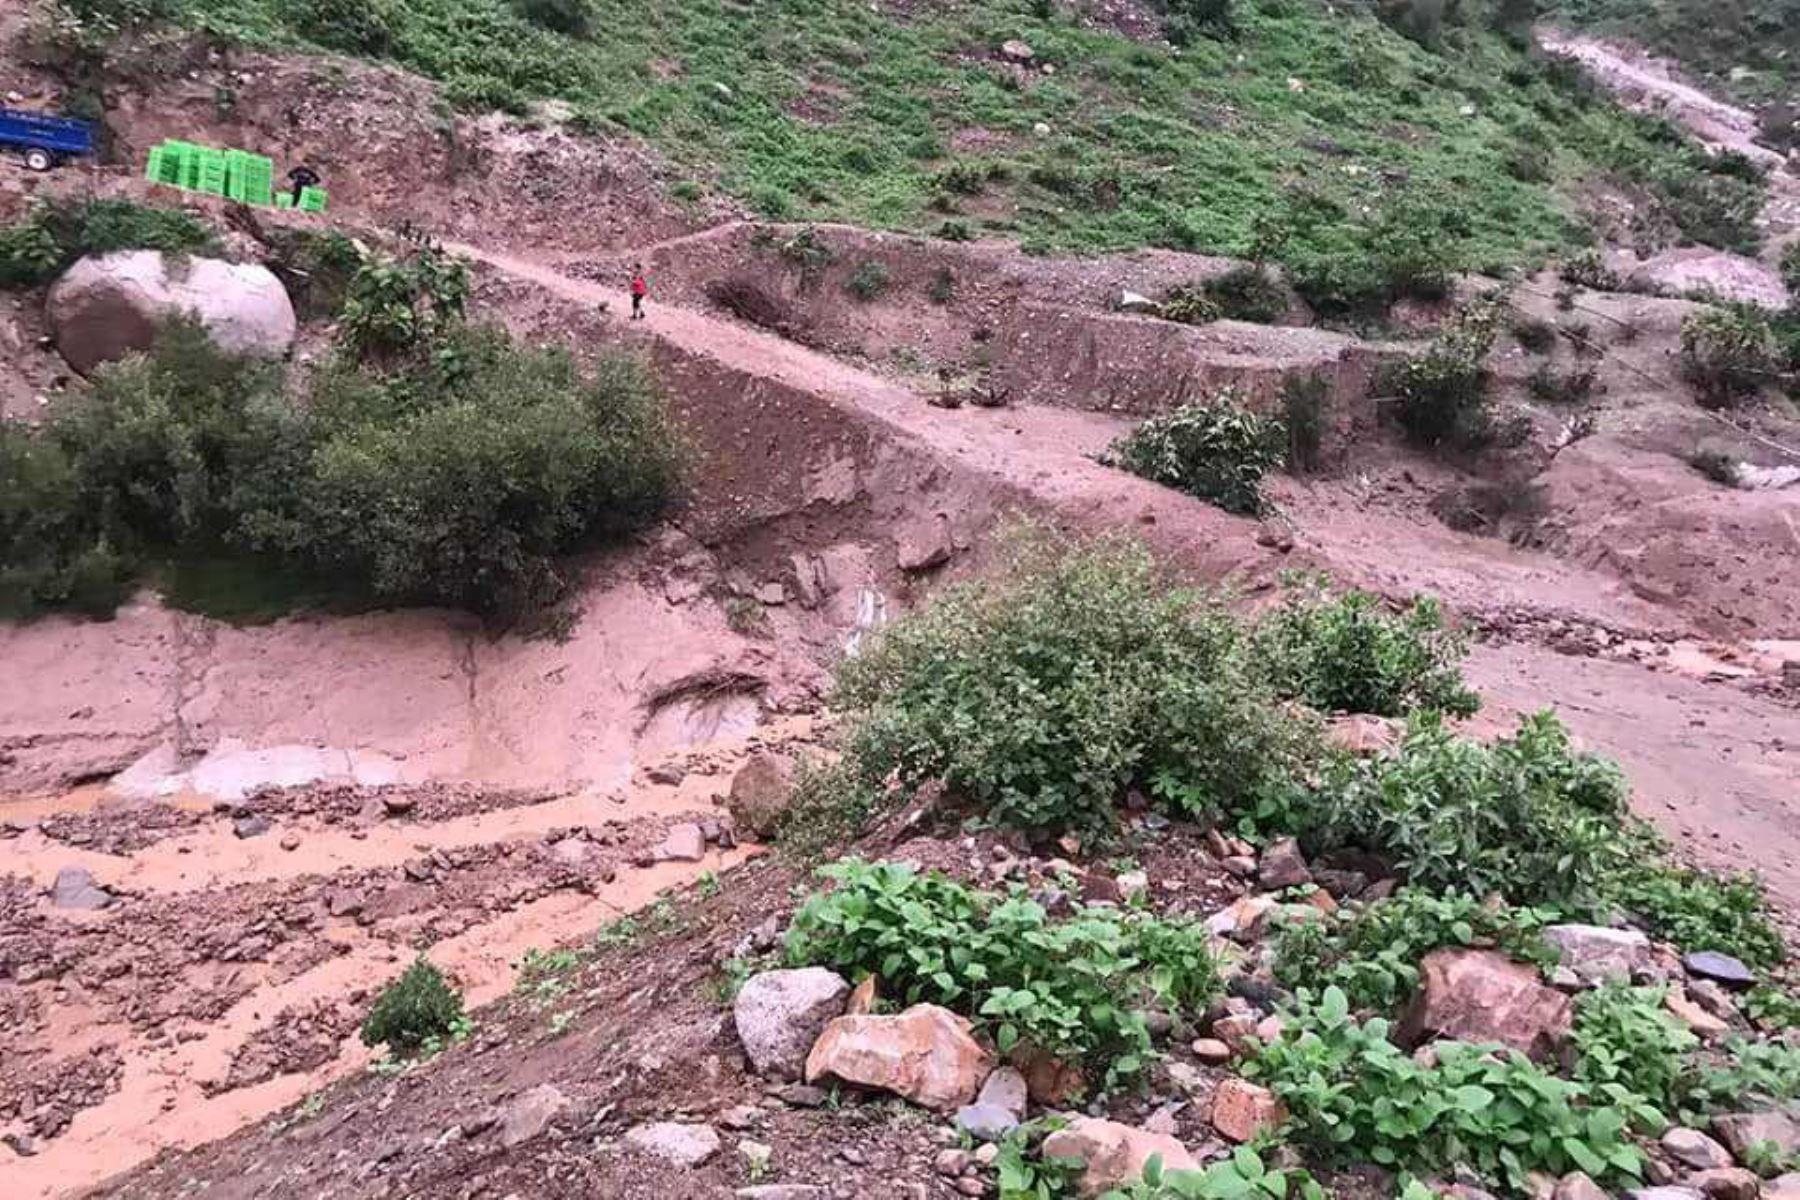 Lluvias intensas activaron al menos dos quebradas en el distrito de Pamaparomás, provincia de Huaylas, región Áncash, afectando la comunicación terrestre en varios caseríos, se informó hoy.